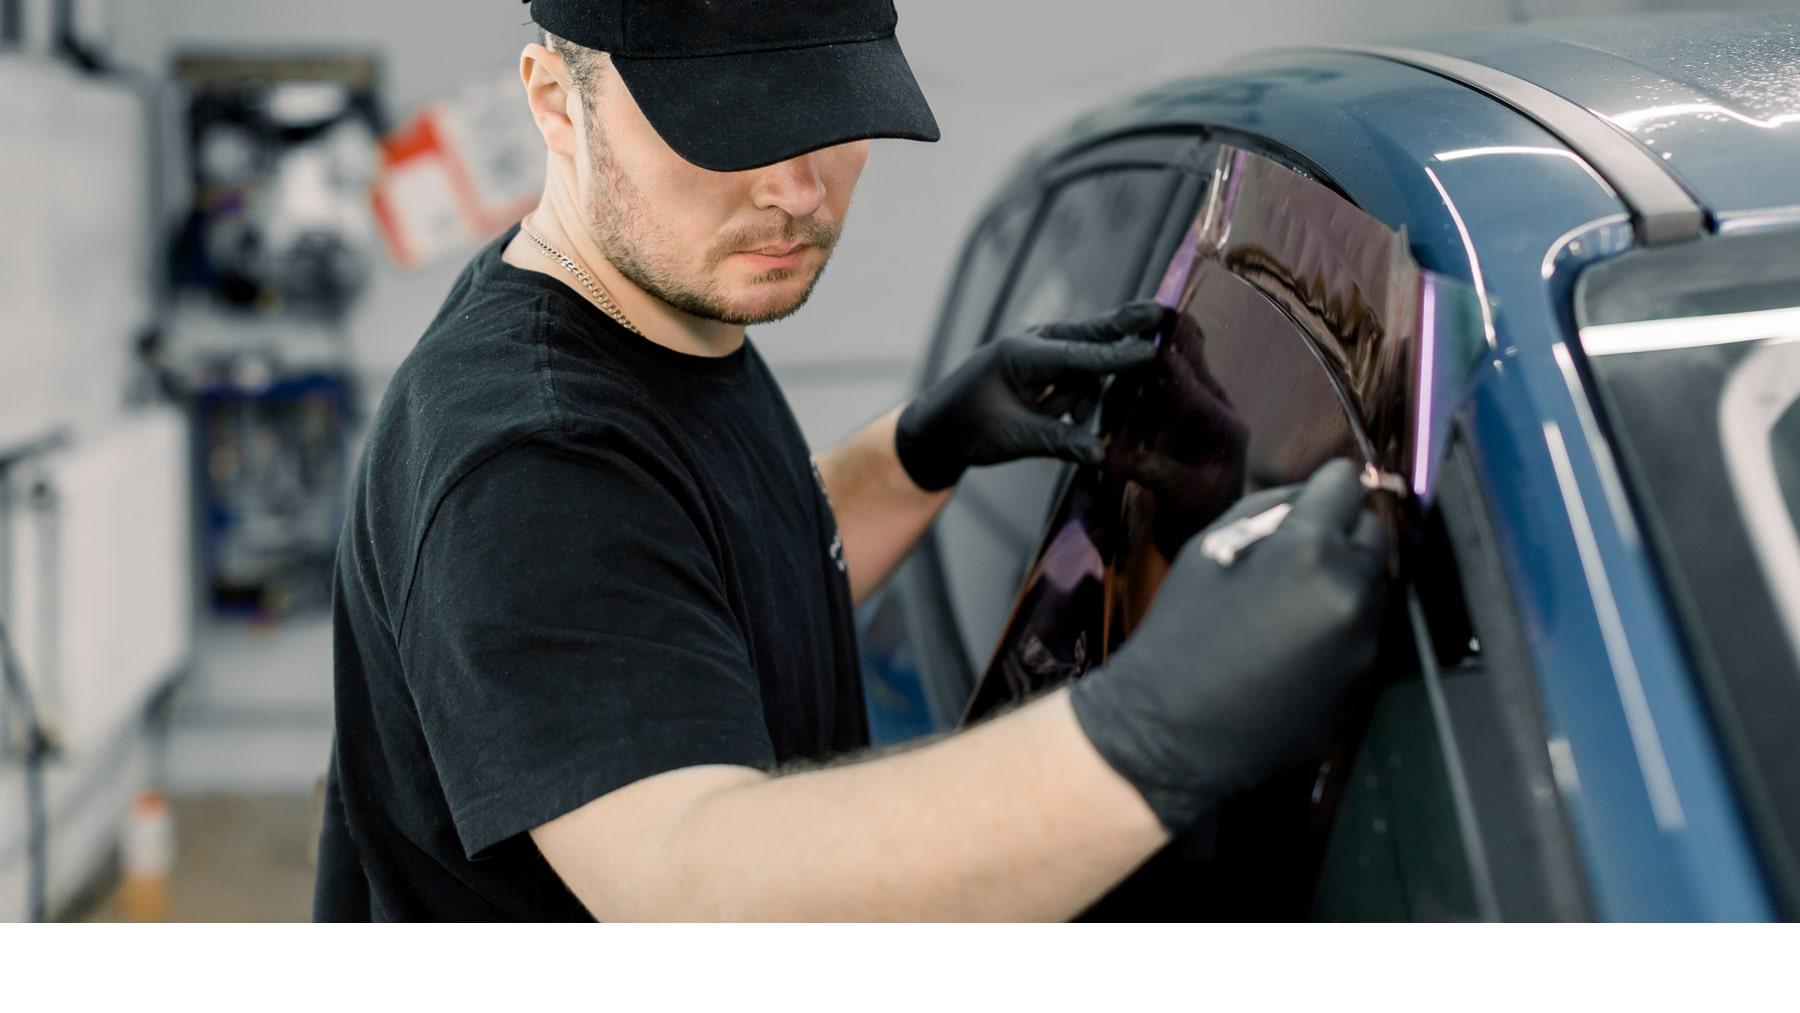 Láminas de seguridad: protección y muchos beneficios